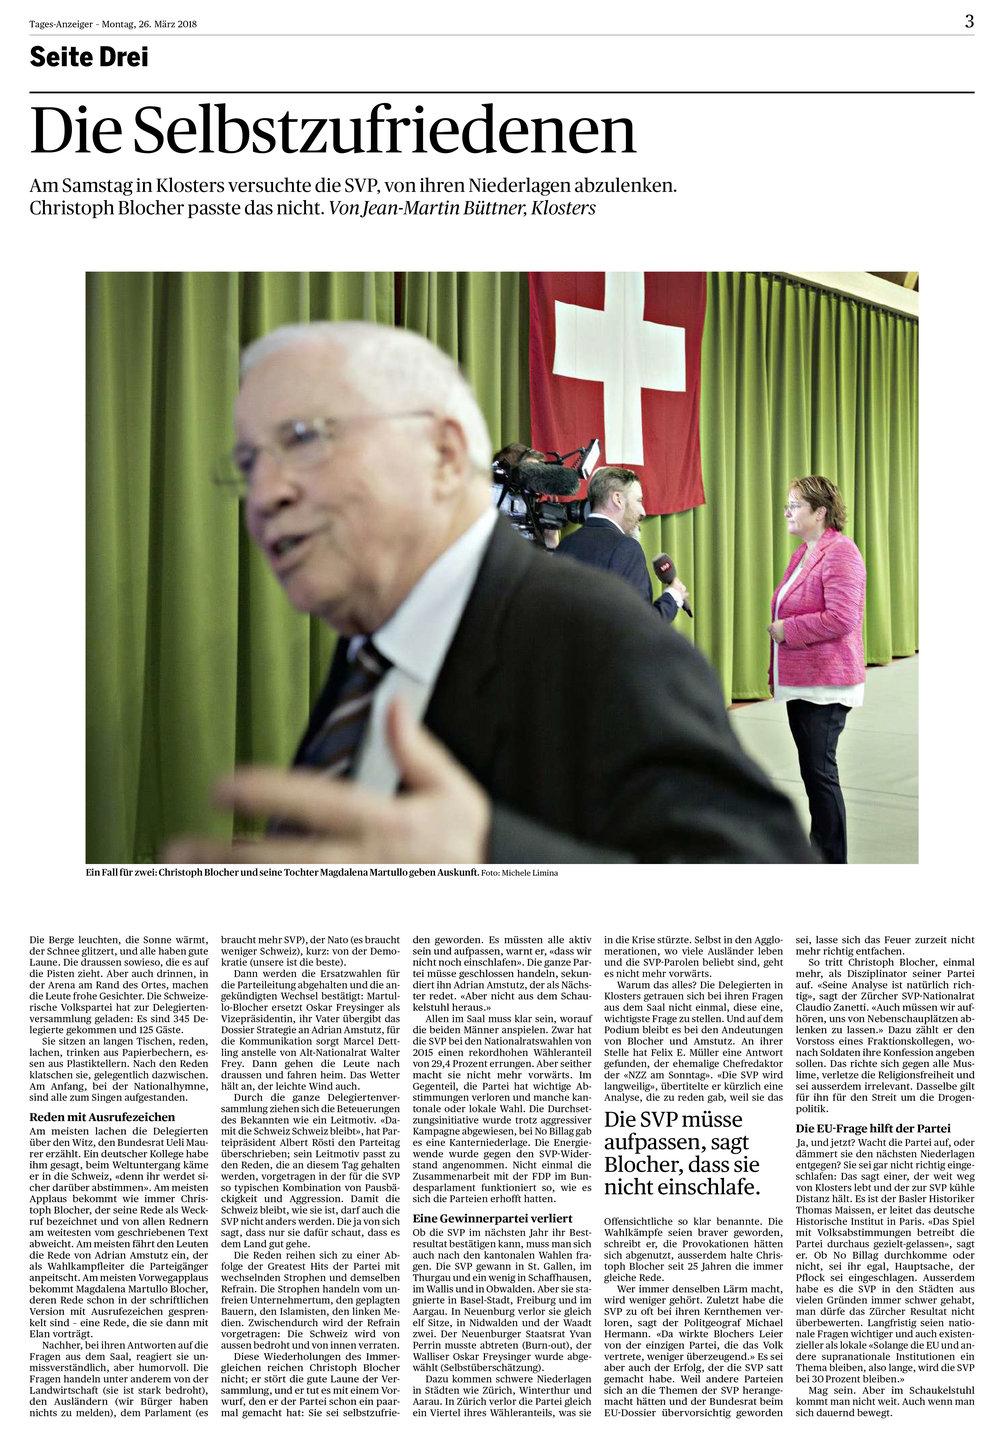 Seiten_2_3_Tages-Anzeiger_2018-03-26 Kopie.jpg